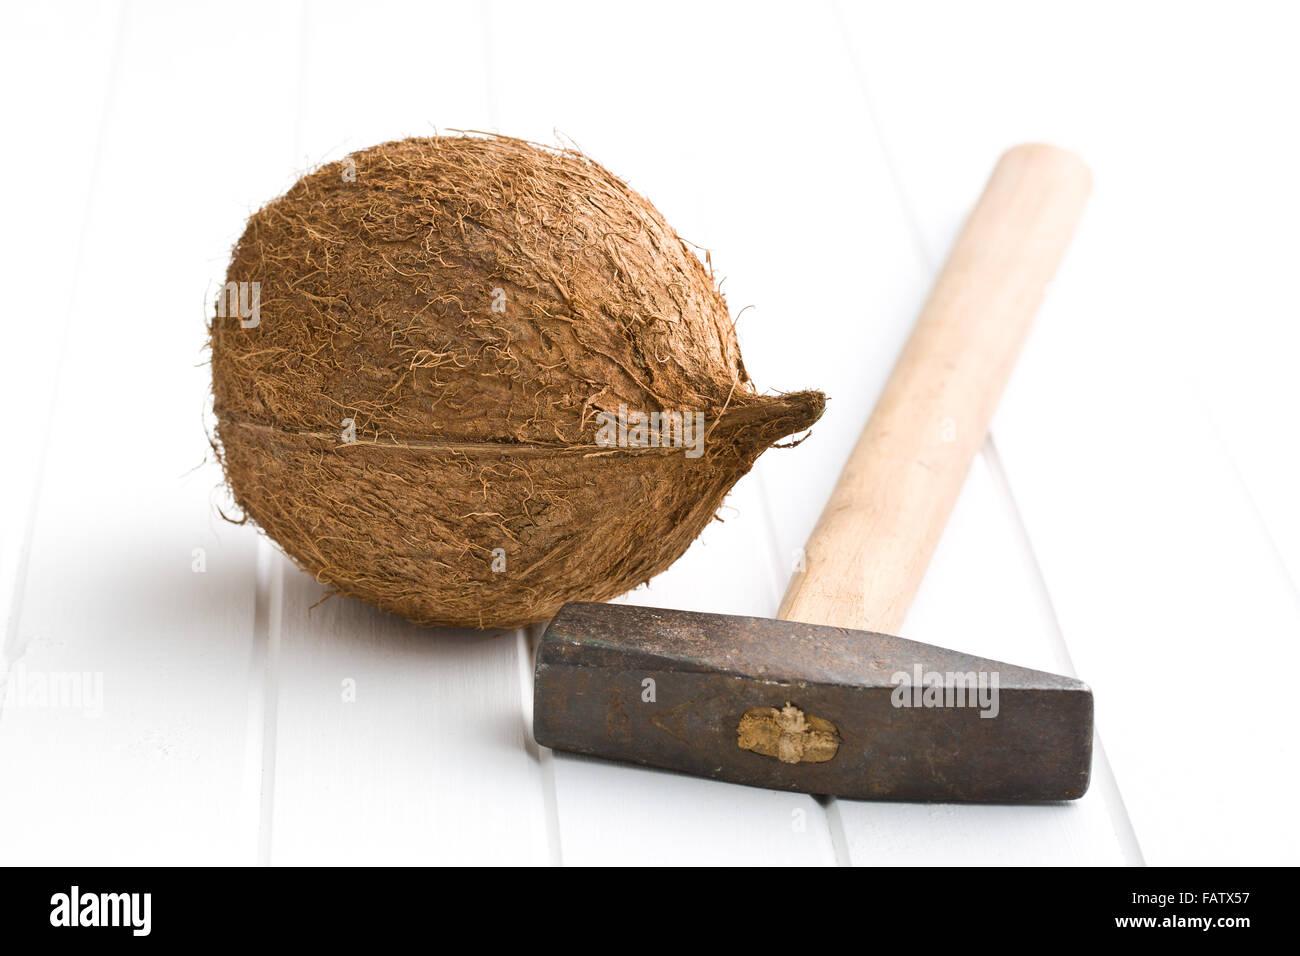 ganze Kokosnüsse und Hammer auf weißen Tisch Stockbild